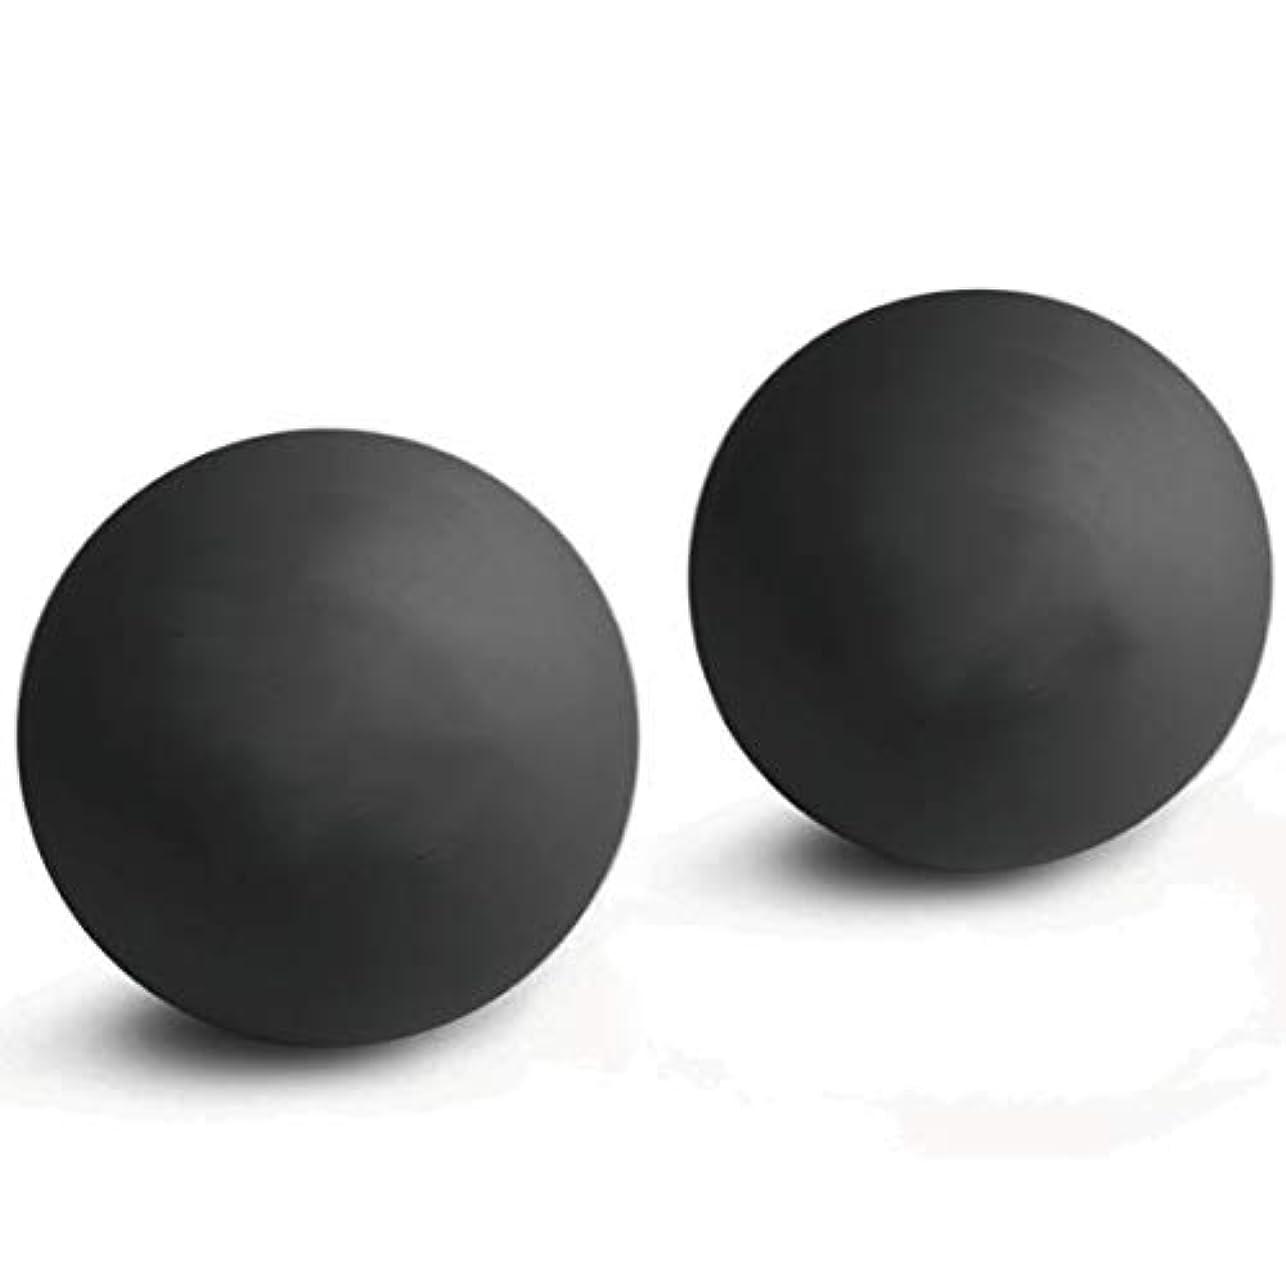 分類酸度擬人2個入マッサージボール 触覚ボール ストレッチボールトリガーポイント 肩 背中 腰 足裏 全身 ツボ押しグッズ